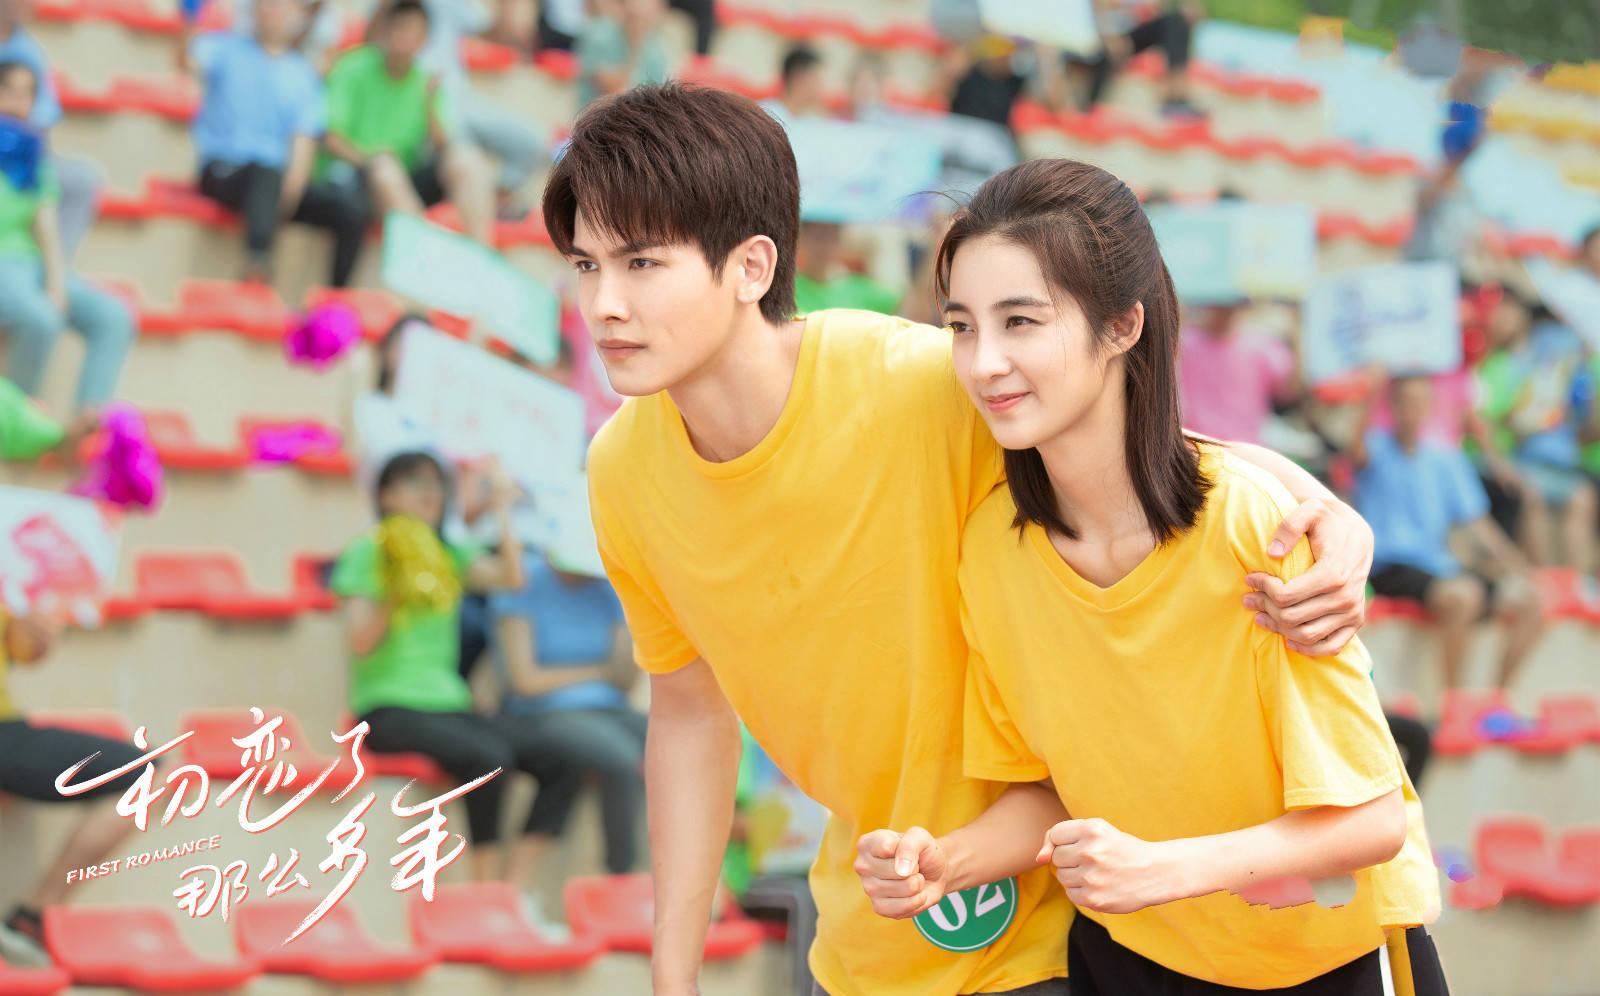 《初恋了那么多年》首播,万鹏王以纶演技过关,较为不错的小甜剧